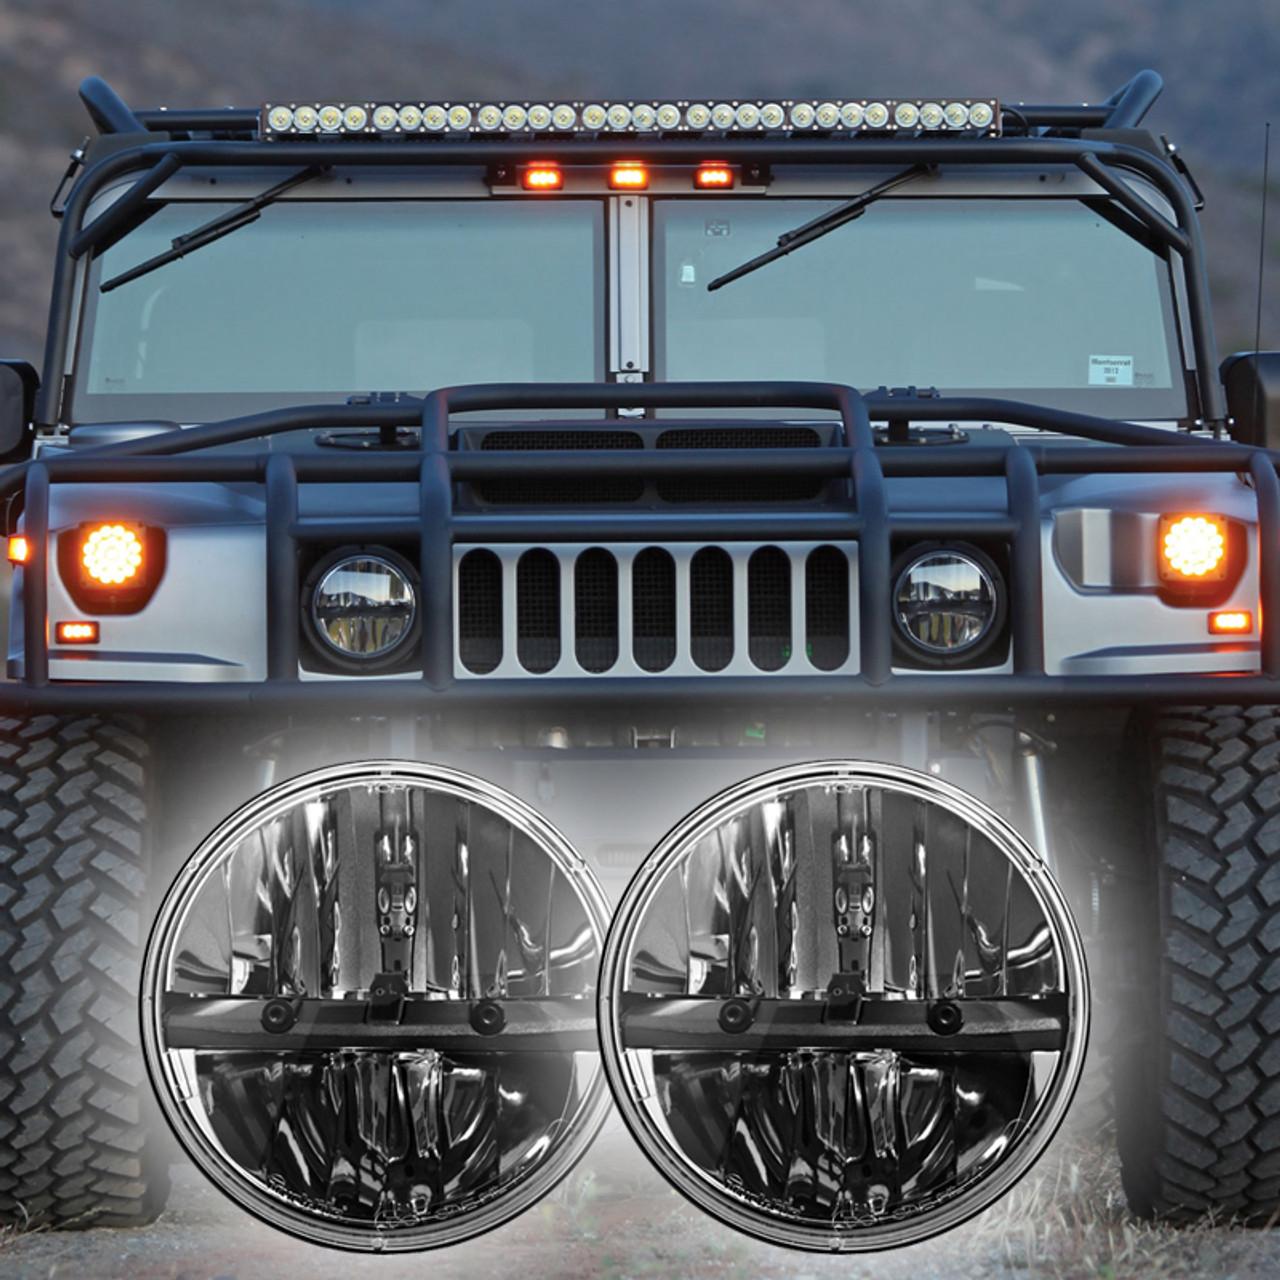 truck lite led headlight wiring diagram 3 phase motor diagrams 1992 2004 hummer h1 kit 27270c